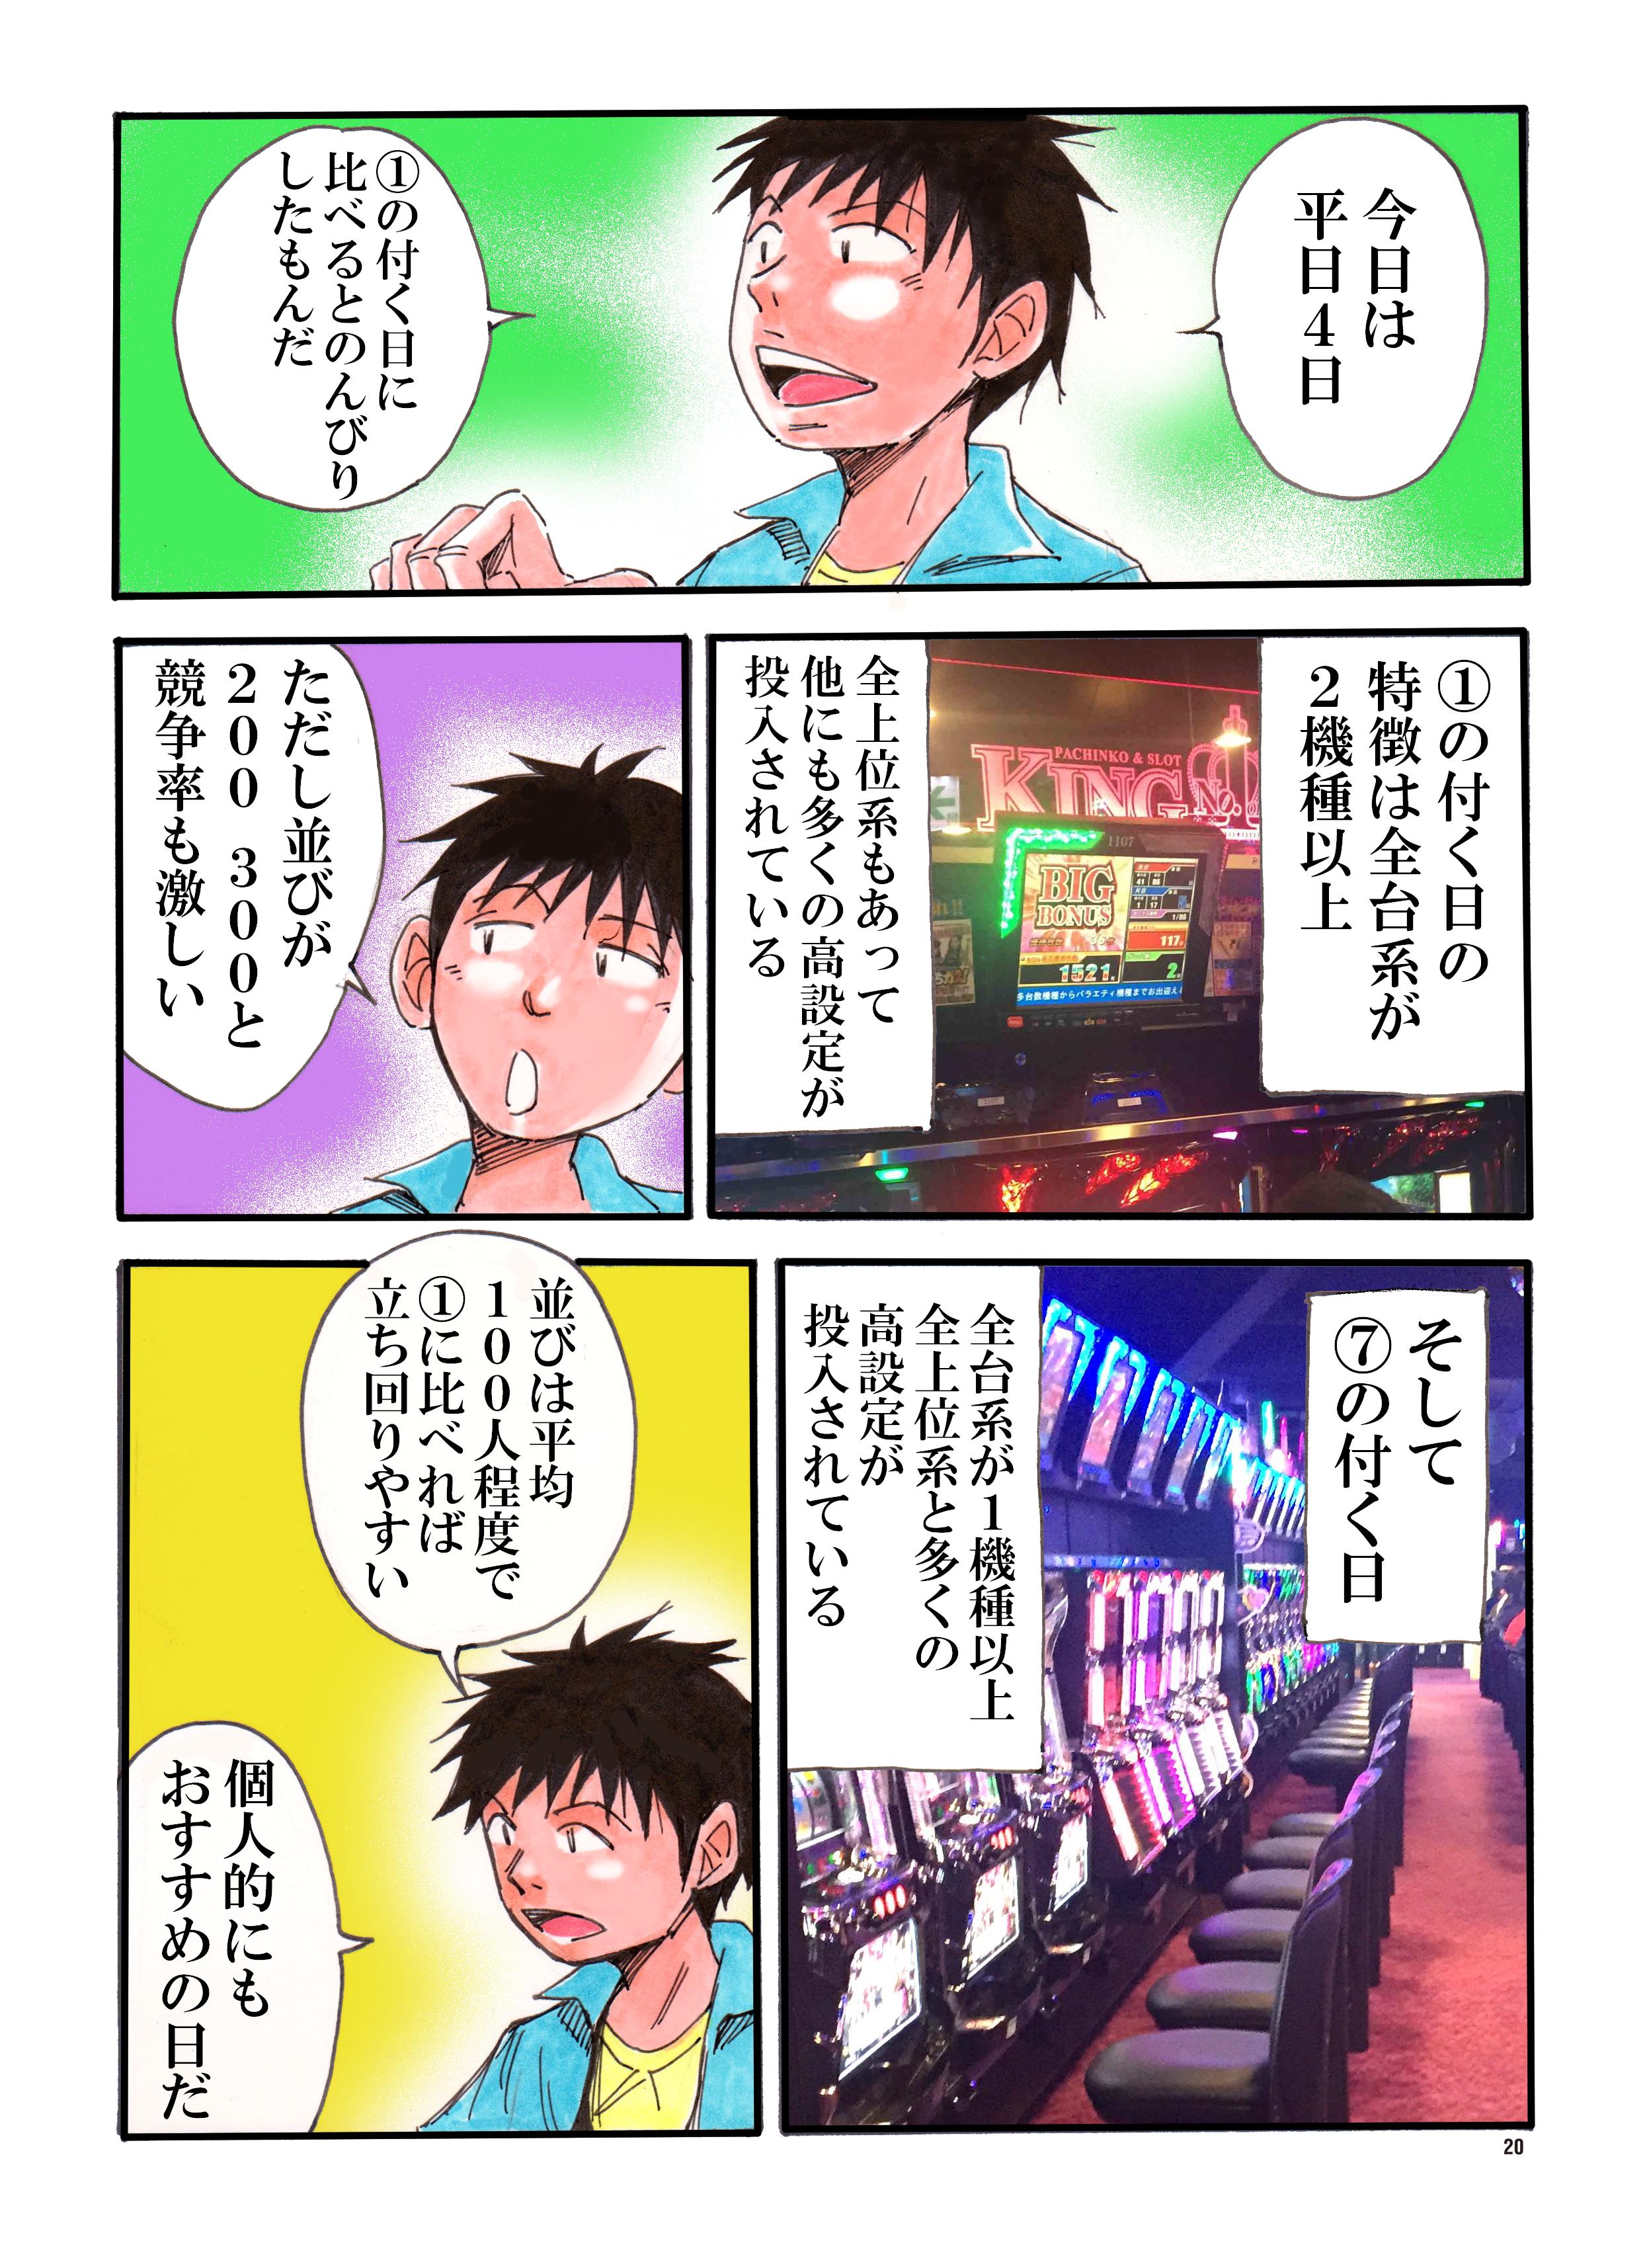 vol.6-2大解析